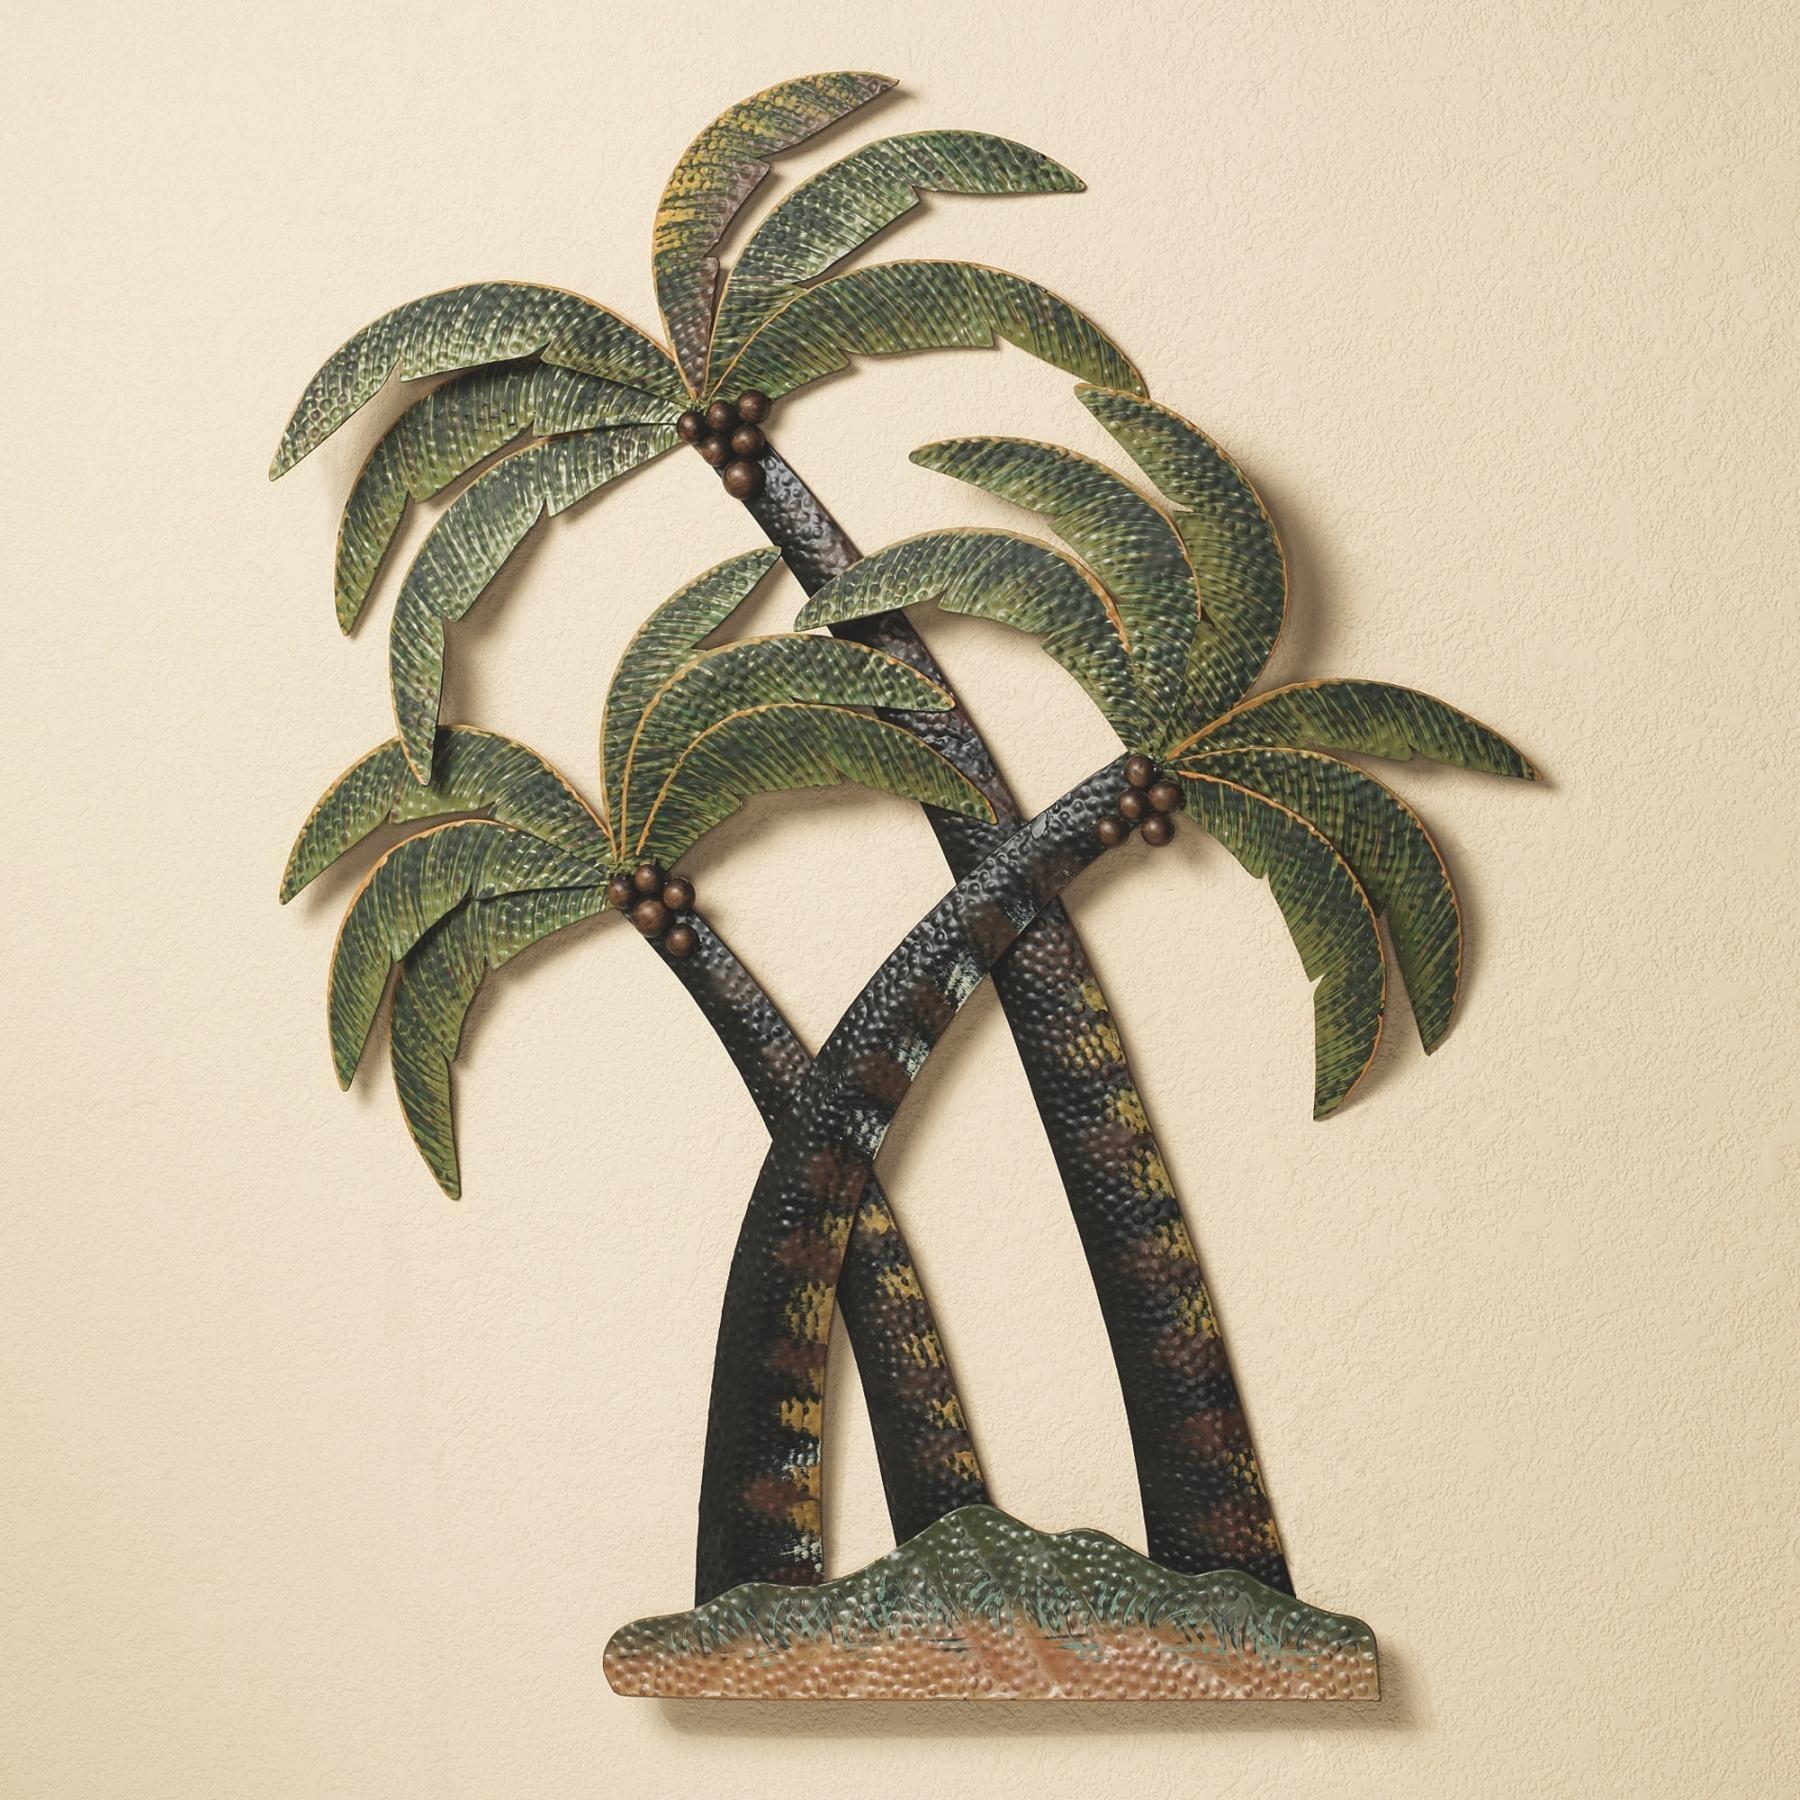 Wall Art Designs: Palm Tree Wall Art Palm Tree Bathroom Palm Trees Pertaining To Metal Wall Art For Bathroom (View 14 of 20)